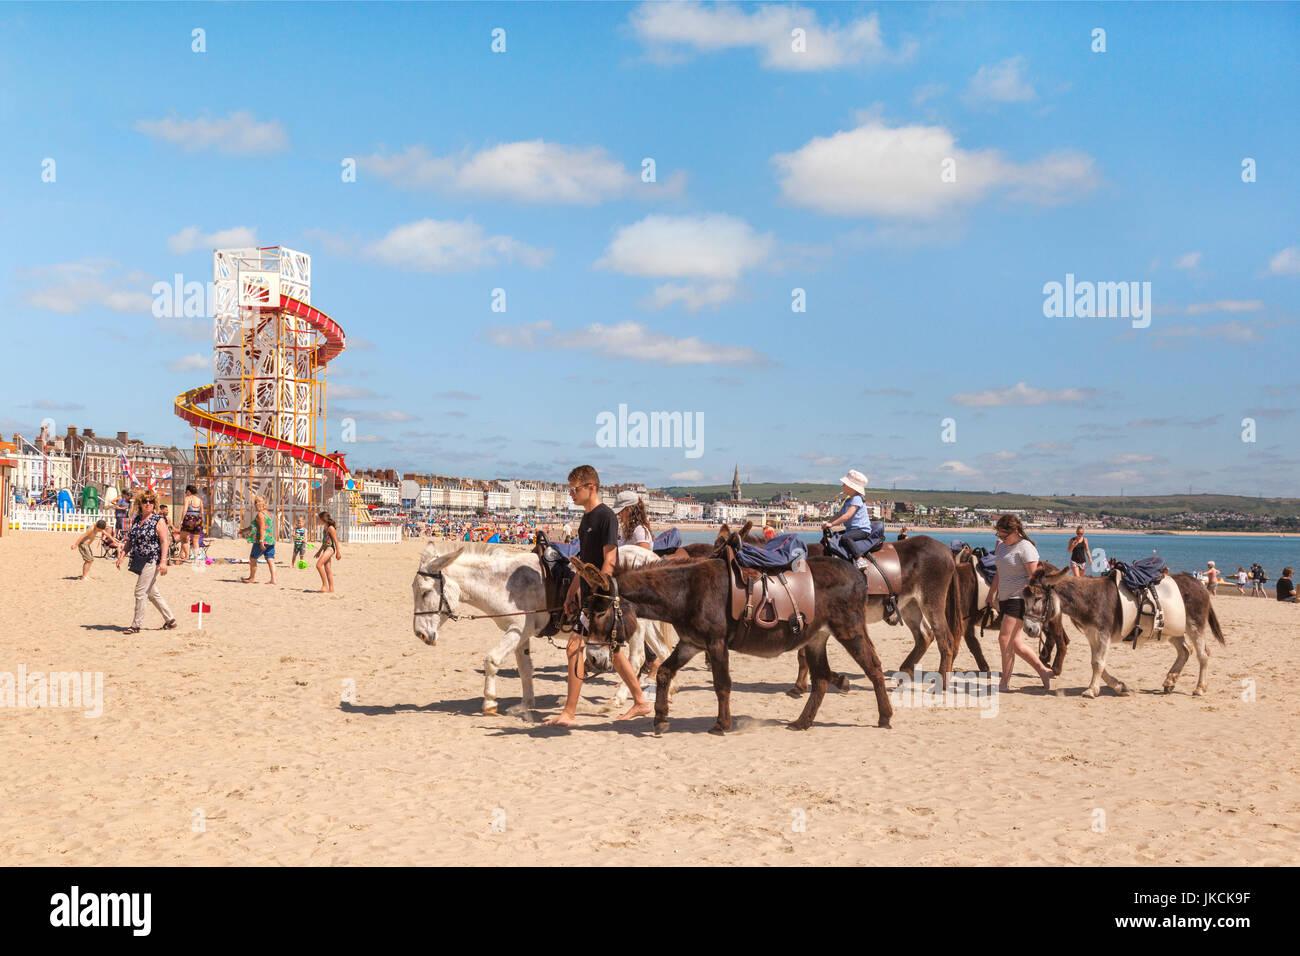 2. Juli 2017: Weymouth, Dorset, England, UK - Eselreiten am Strand von Weymouth, Dorset, England, UK. Stockbild